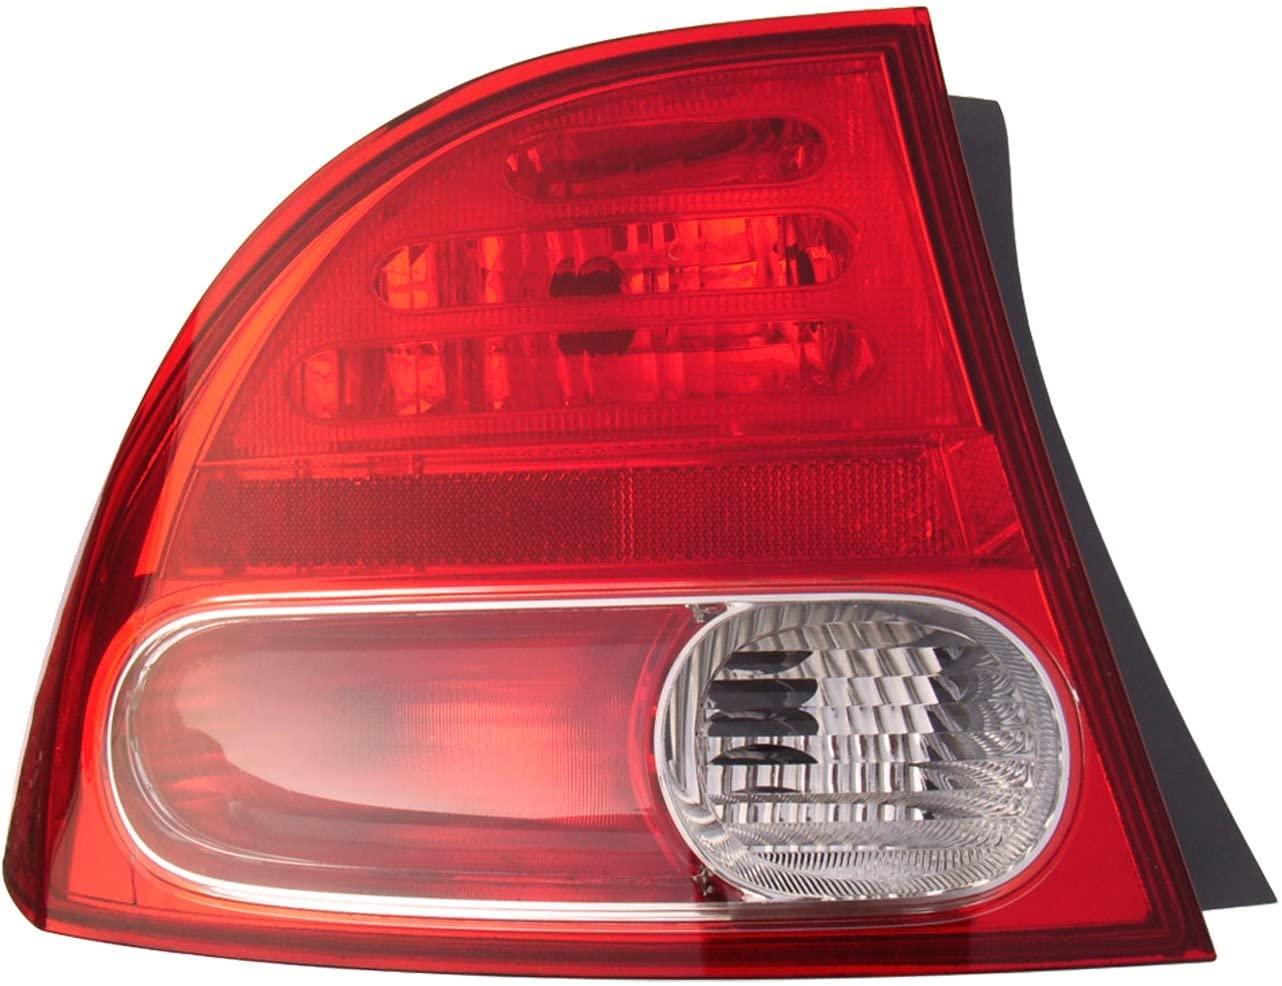 Dorman 1611302 Driver Side Tail Light Assembly for Select Honda Models